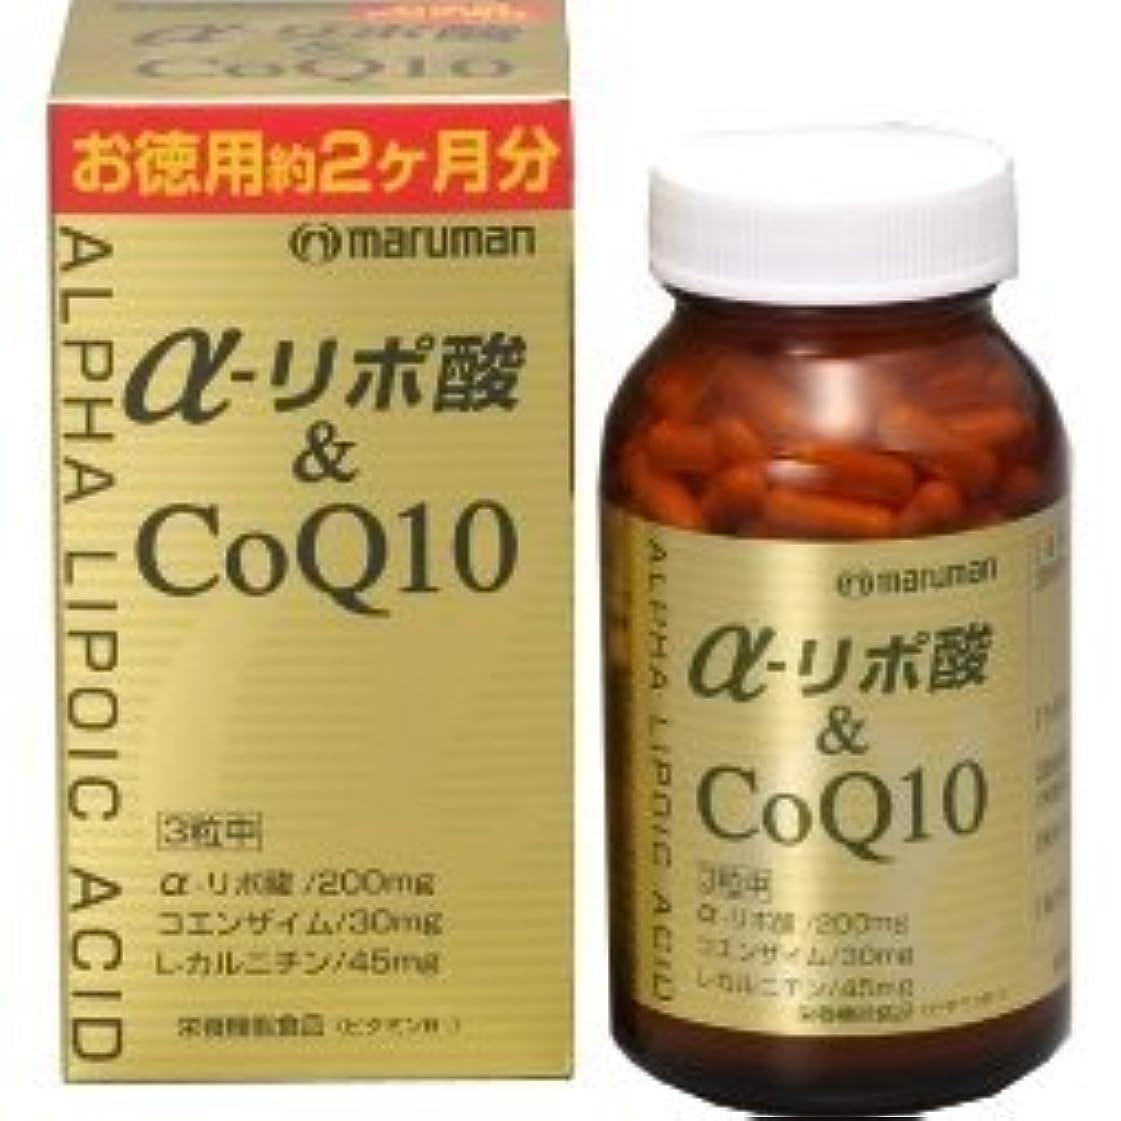 欲しいです戦闘アクチュエータαリポ酸&COQ10 180粒